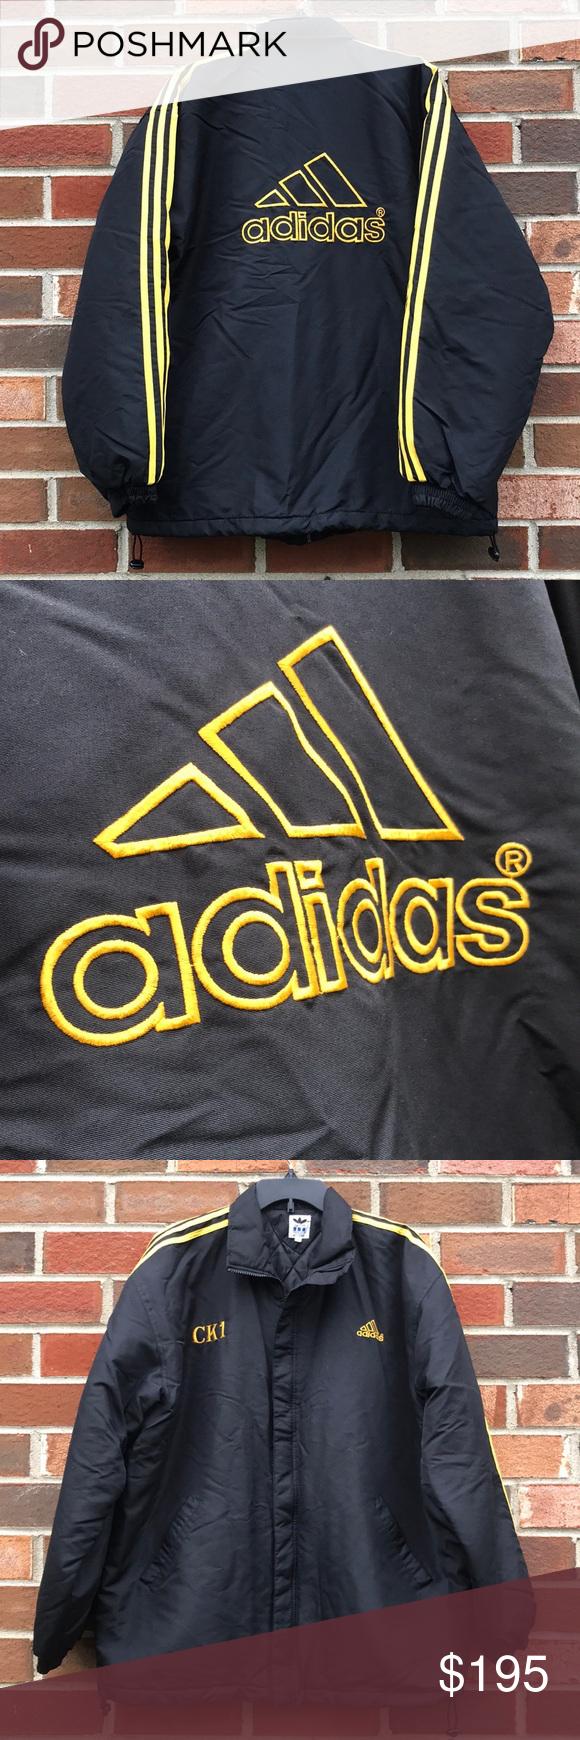 Sequía Colectivo expedición  Vintage adidas jacket 98-6 JASPOO black & yellow | Vintage adidas, Adidas  jacket, Jackets